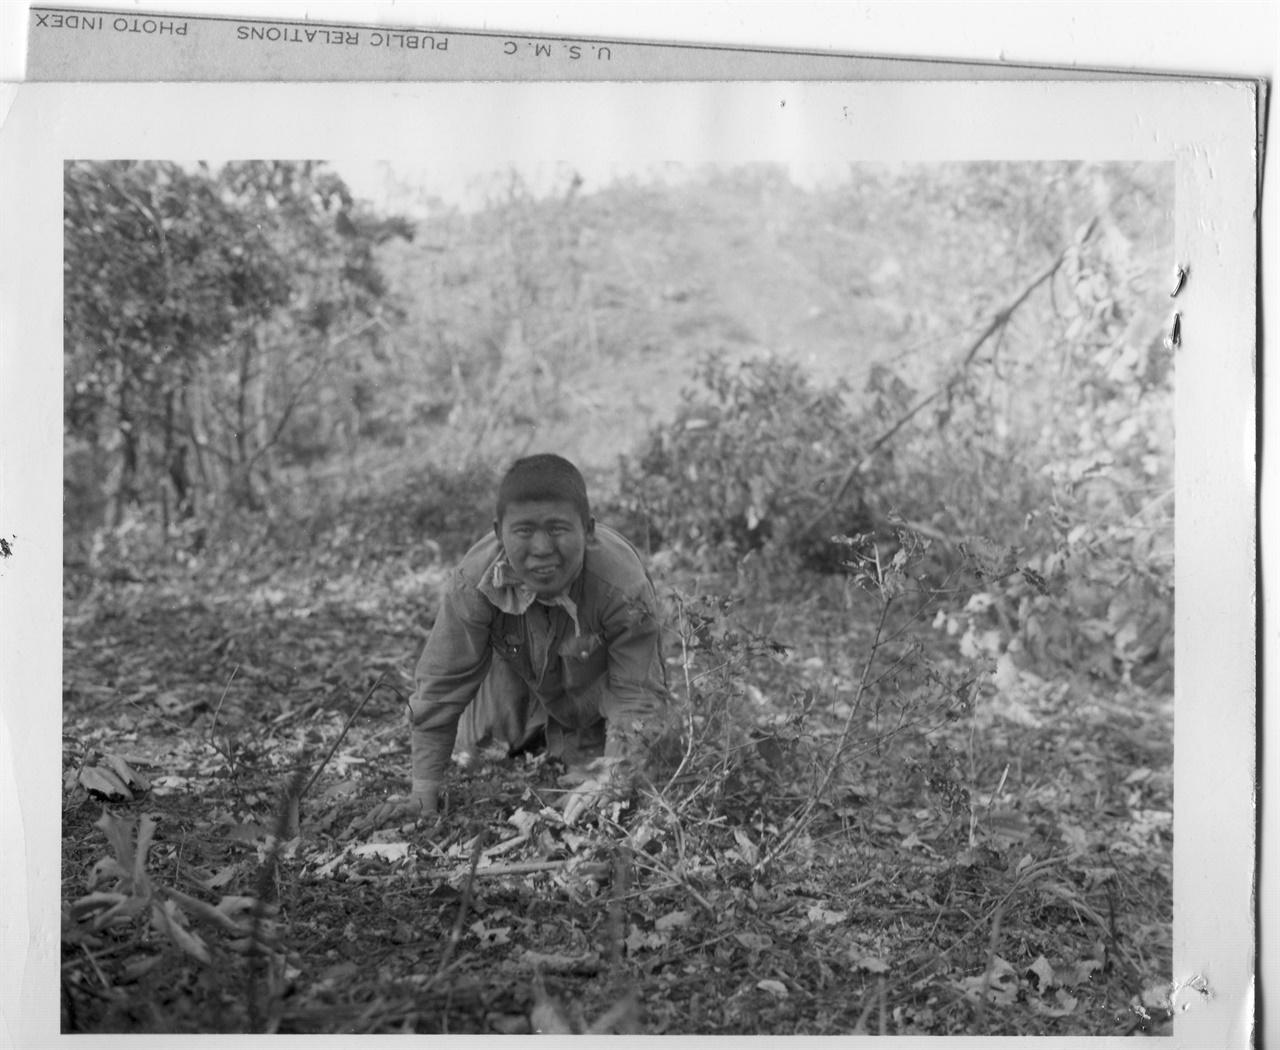 1951. 9. 20. 전쟁은 한 인간을 짐승처럼 만든다. 북한의 한 병사가 짐승처럼 기어오면서 투항하고 있다.